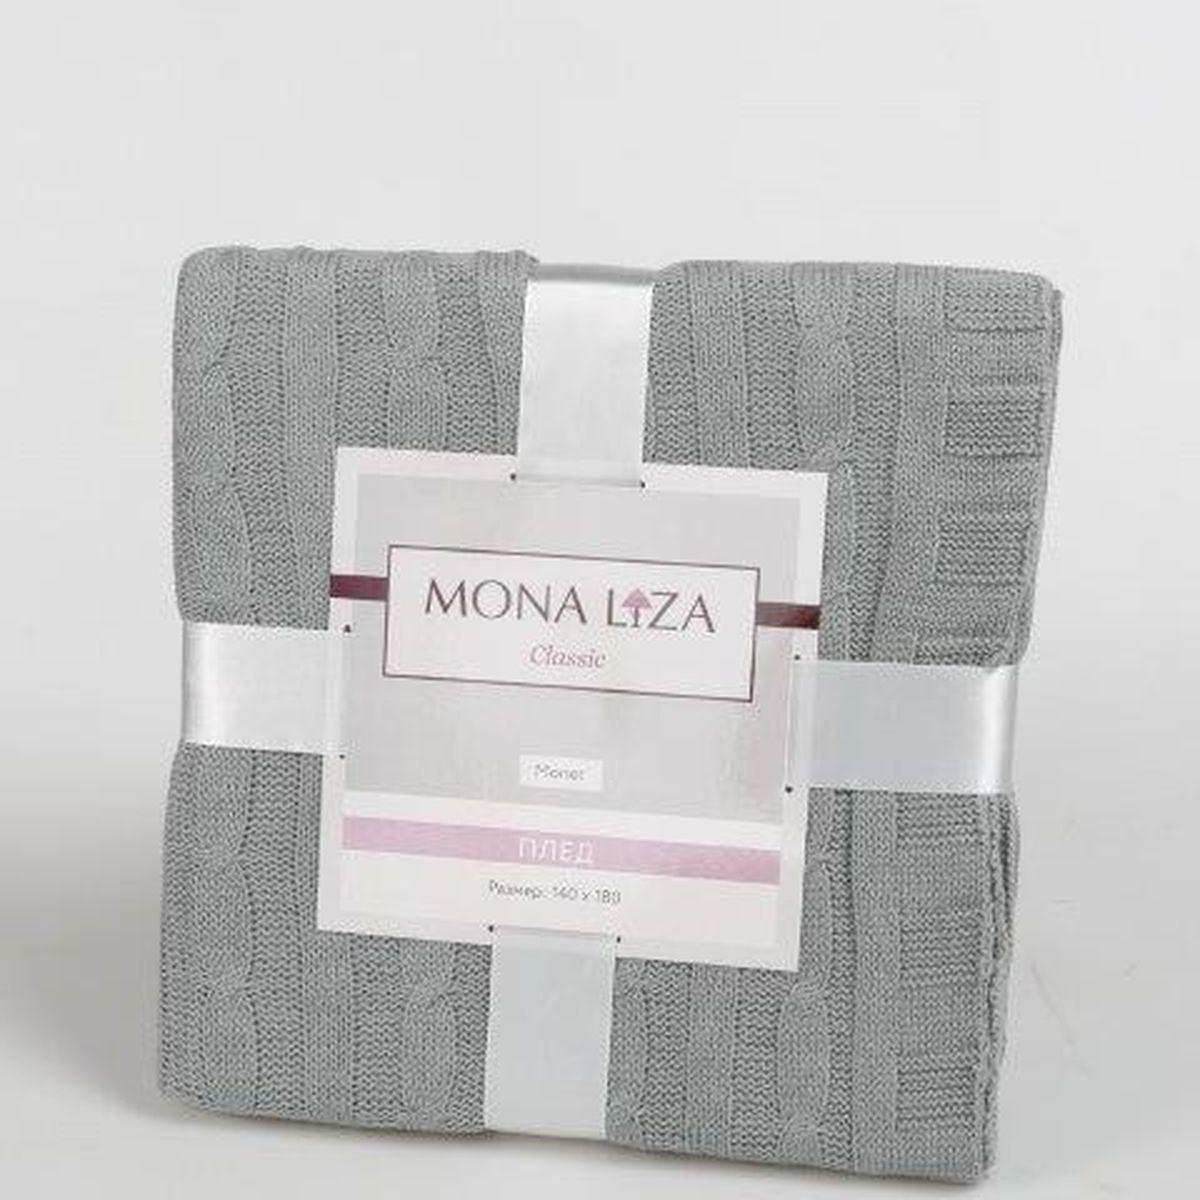 Плед Mona Liza Classic Monet, цвет: серый, 140 х 180 см1004900000360Оригинальный вязаный плед Mona Liza Classic Monet послужит теплым, мягким и практичным подарком близким людям. Плед изготовлен из высококачественного 100% акрила.Яркий и приятный на ощупь плед Mona Liza Classic Monet станет отличным дополнением в вашем интерьере.